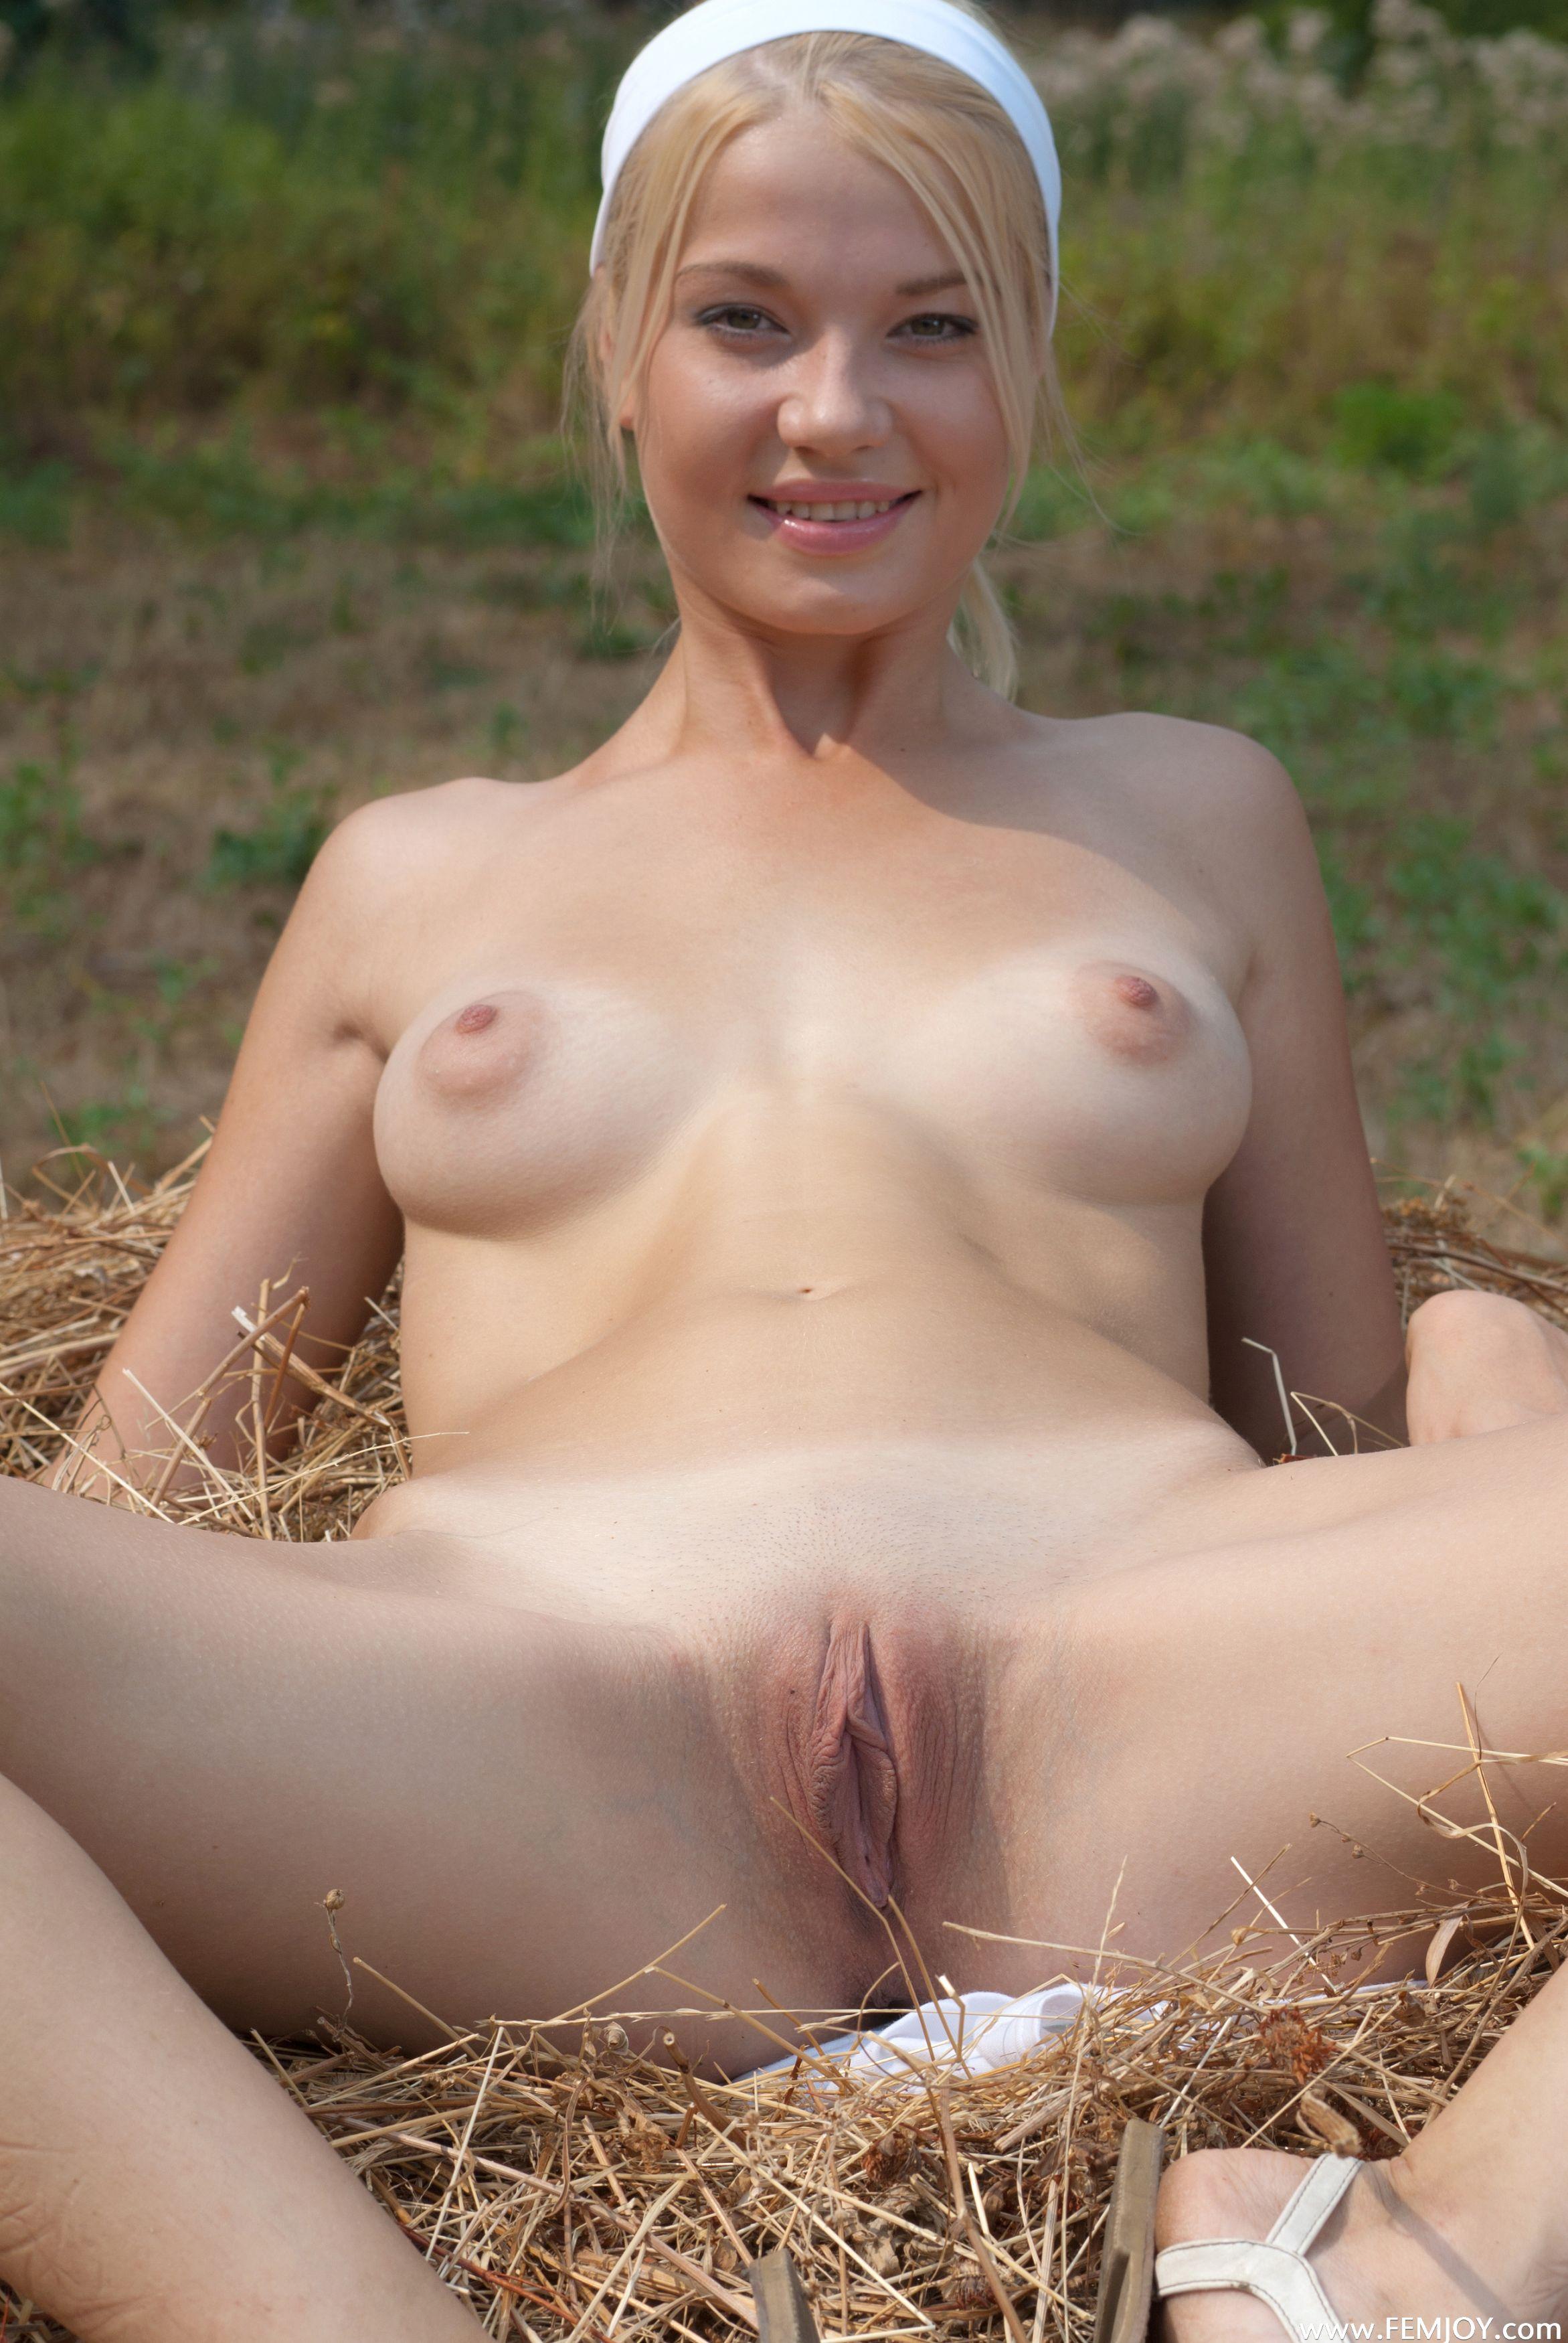 Бесплатно голые женщины ✌➤ Смотреть